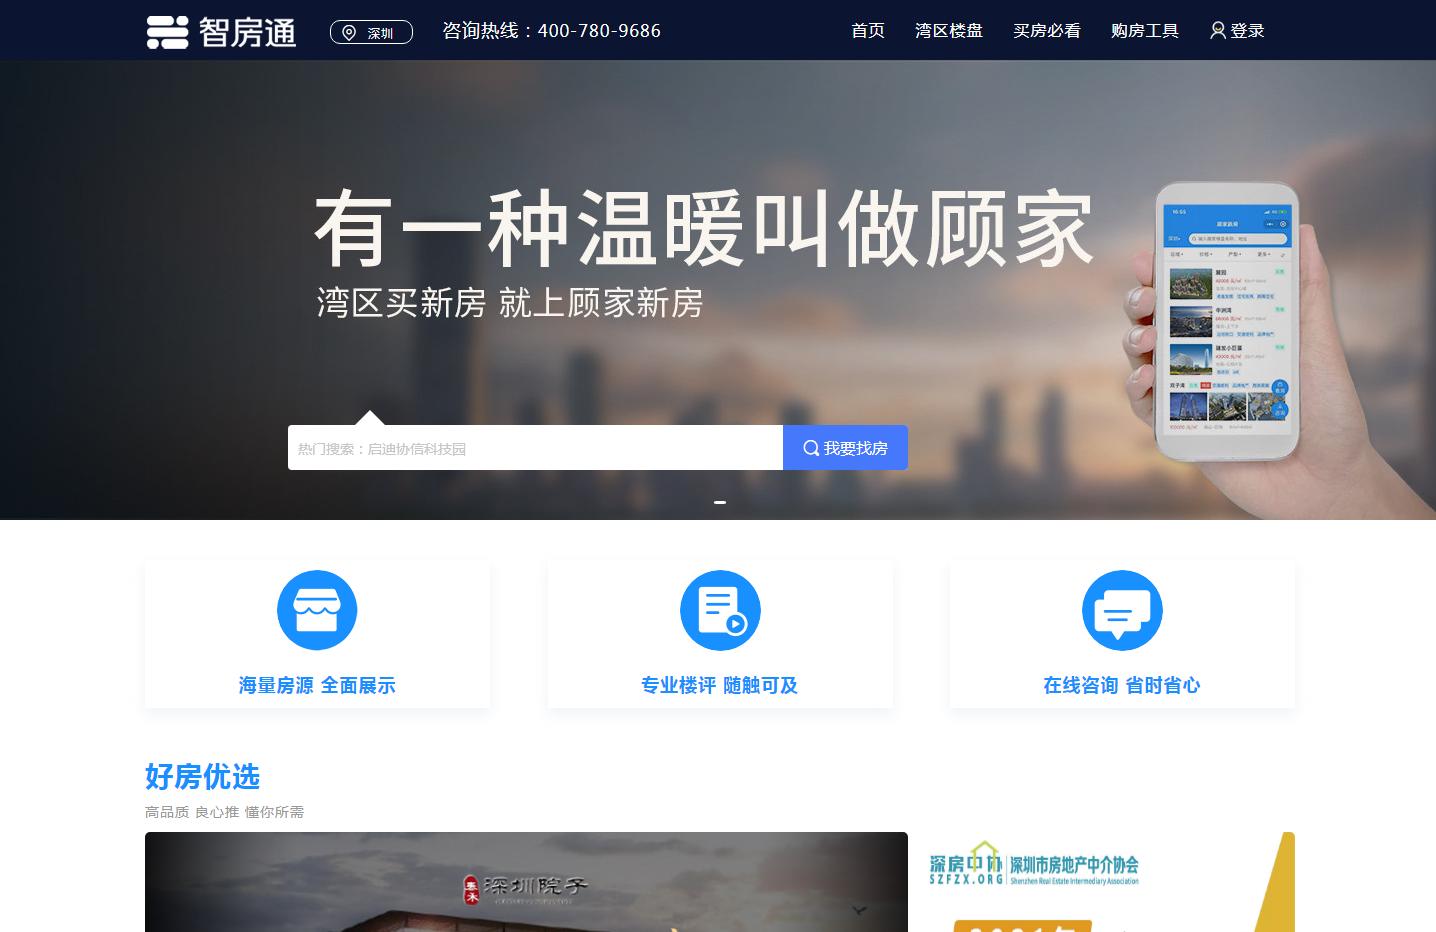 深圳楼盘房产网站建设